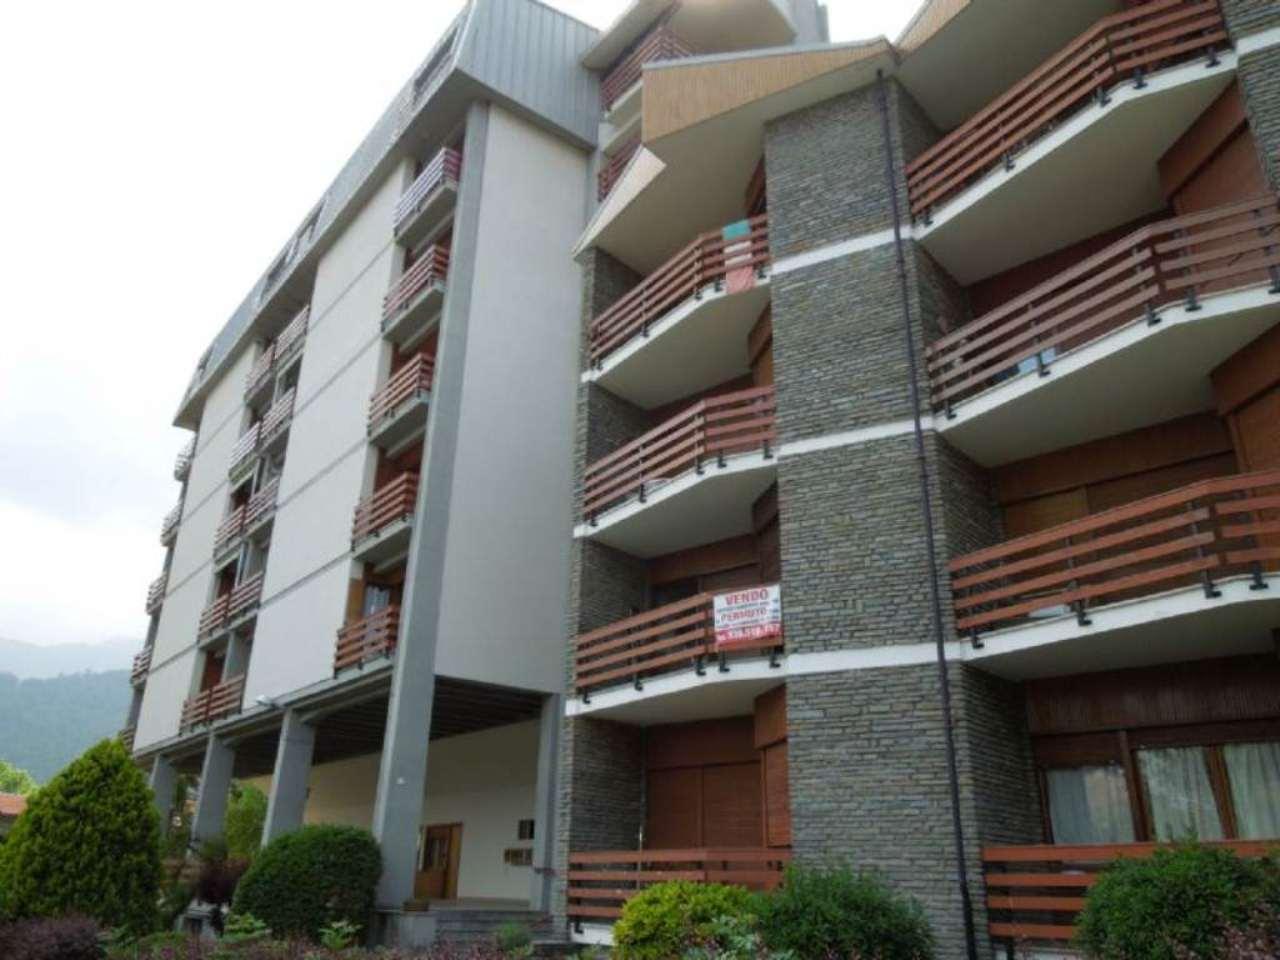 Appartamento in vendita a Coazze, 4 locali, prezzo € 58.000 | CambioCasa.it